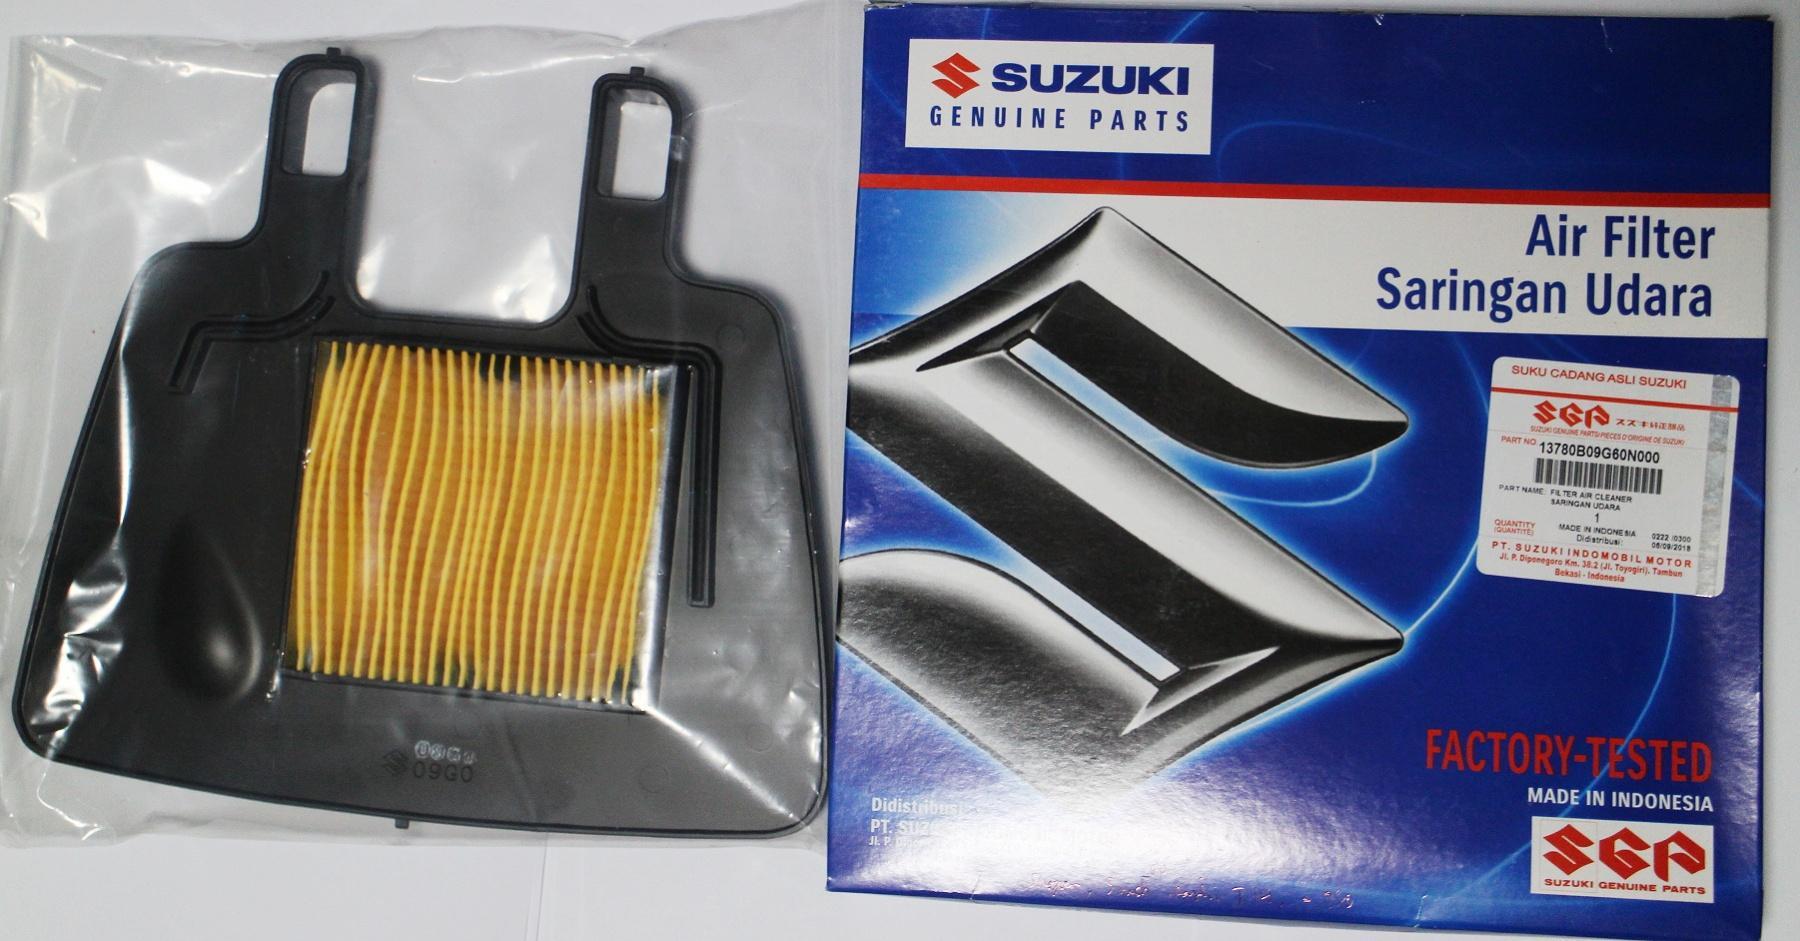 ORIGINAL SUZUKI AIR FILTER/CLEANER FOR RAIDER J 110